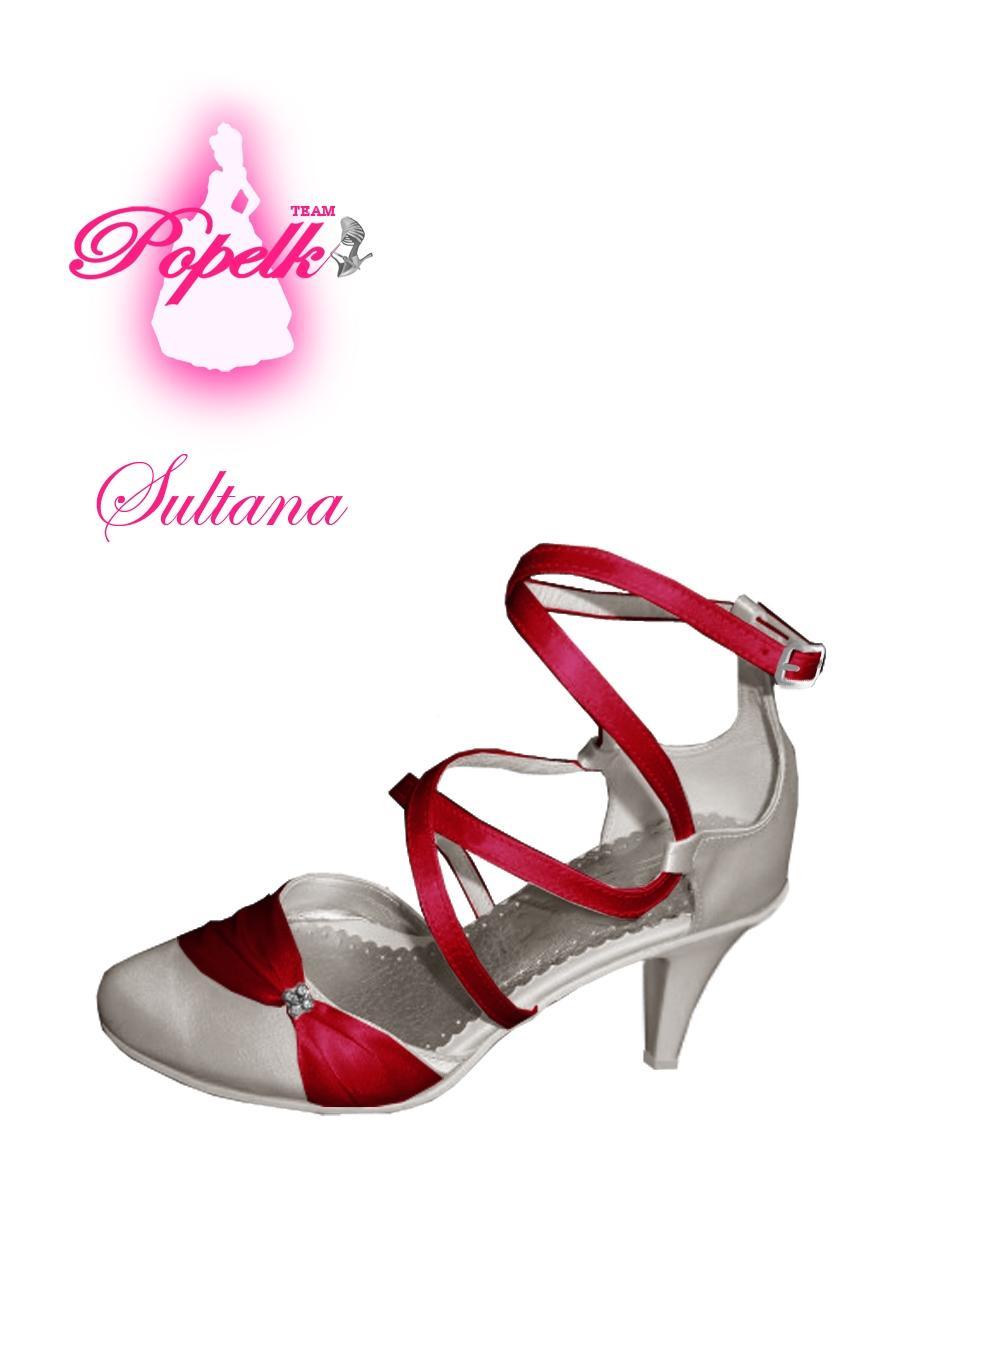 Svadobné topánky s úpravou na želanie - inšpirácie bordó, hnědá, čokoládová - Obrázok č. 9